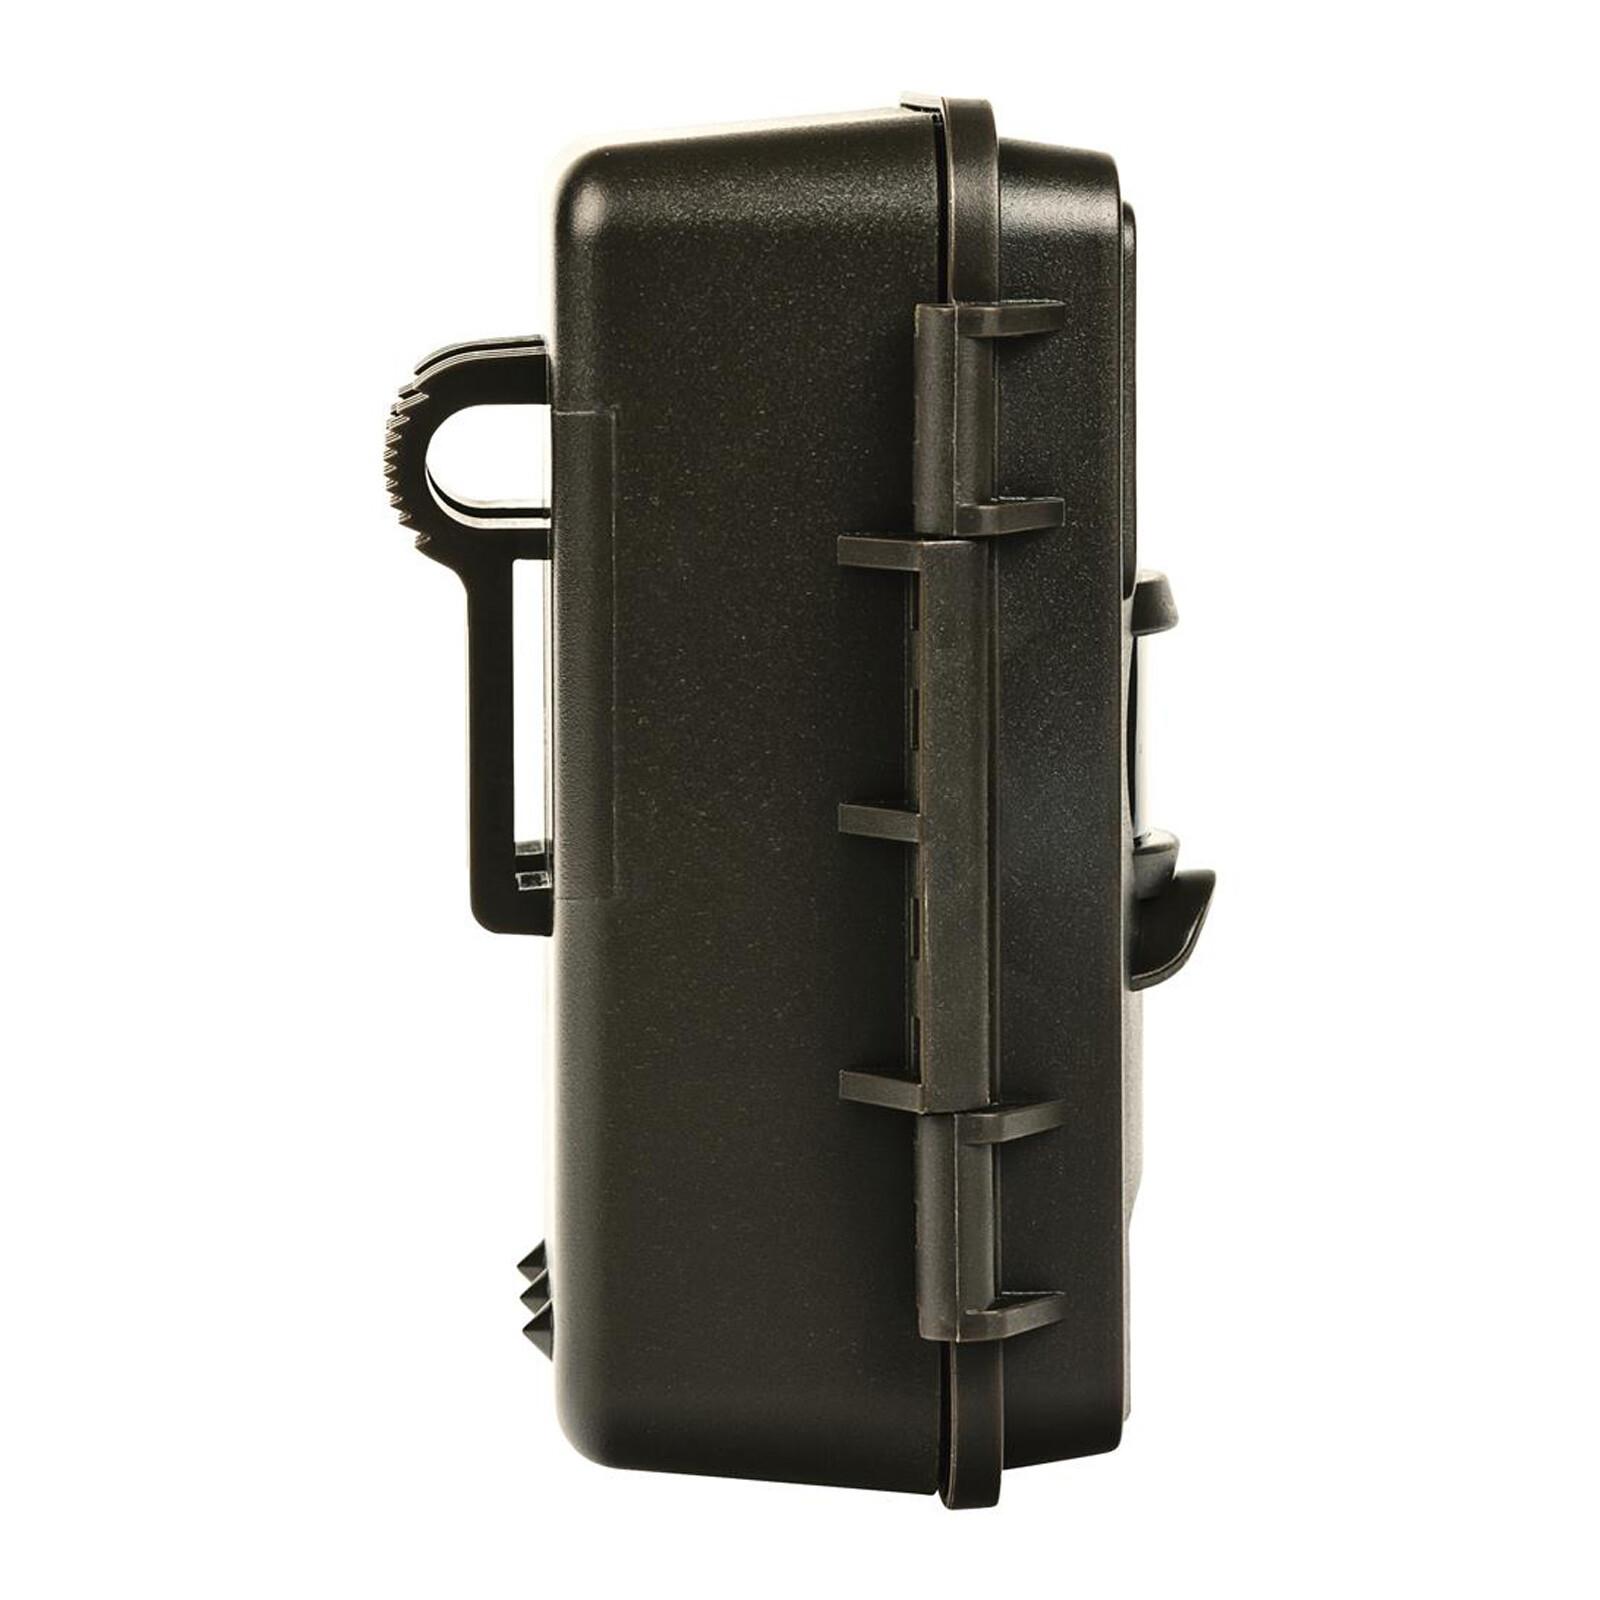 Dörr SnapShot Limited 5.0 S WildCam Camouflage Black HR